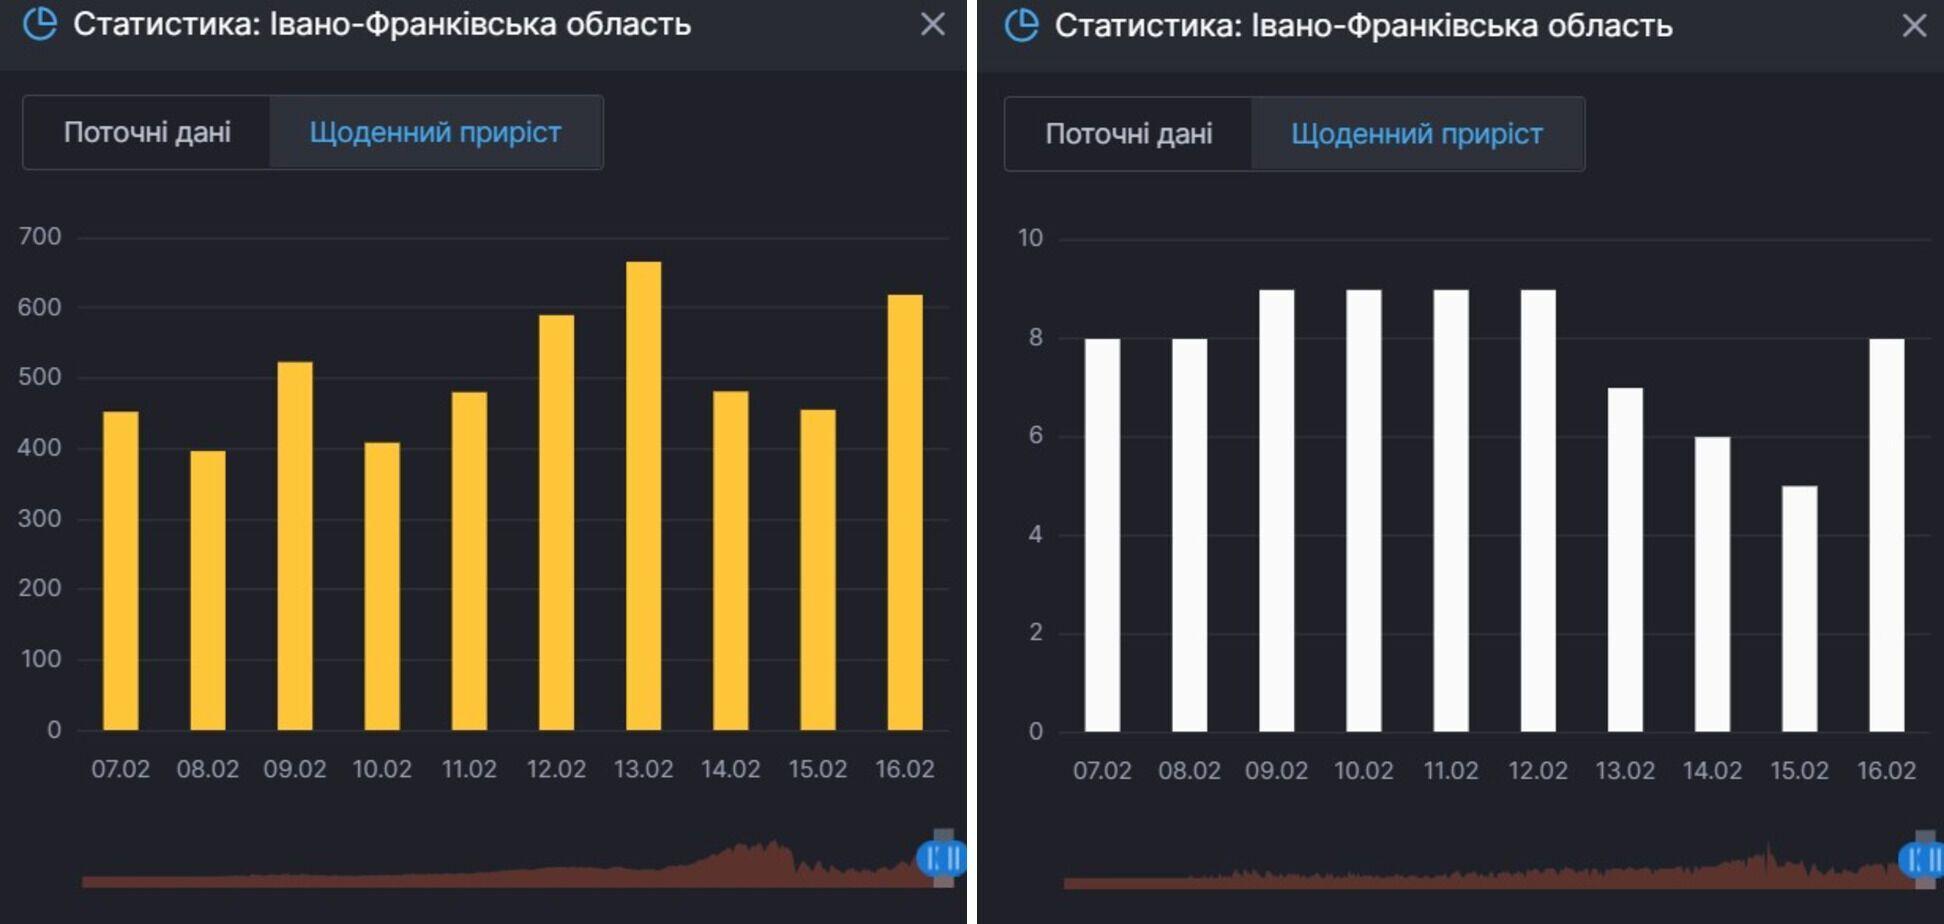 Приріст нових заражень COVID-19 і смертей від нього в Івано-Франківській області